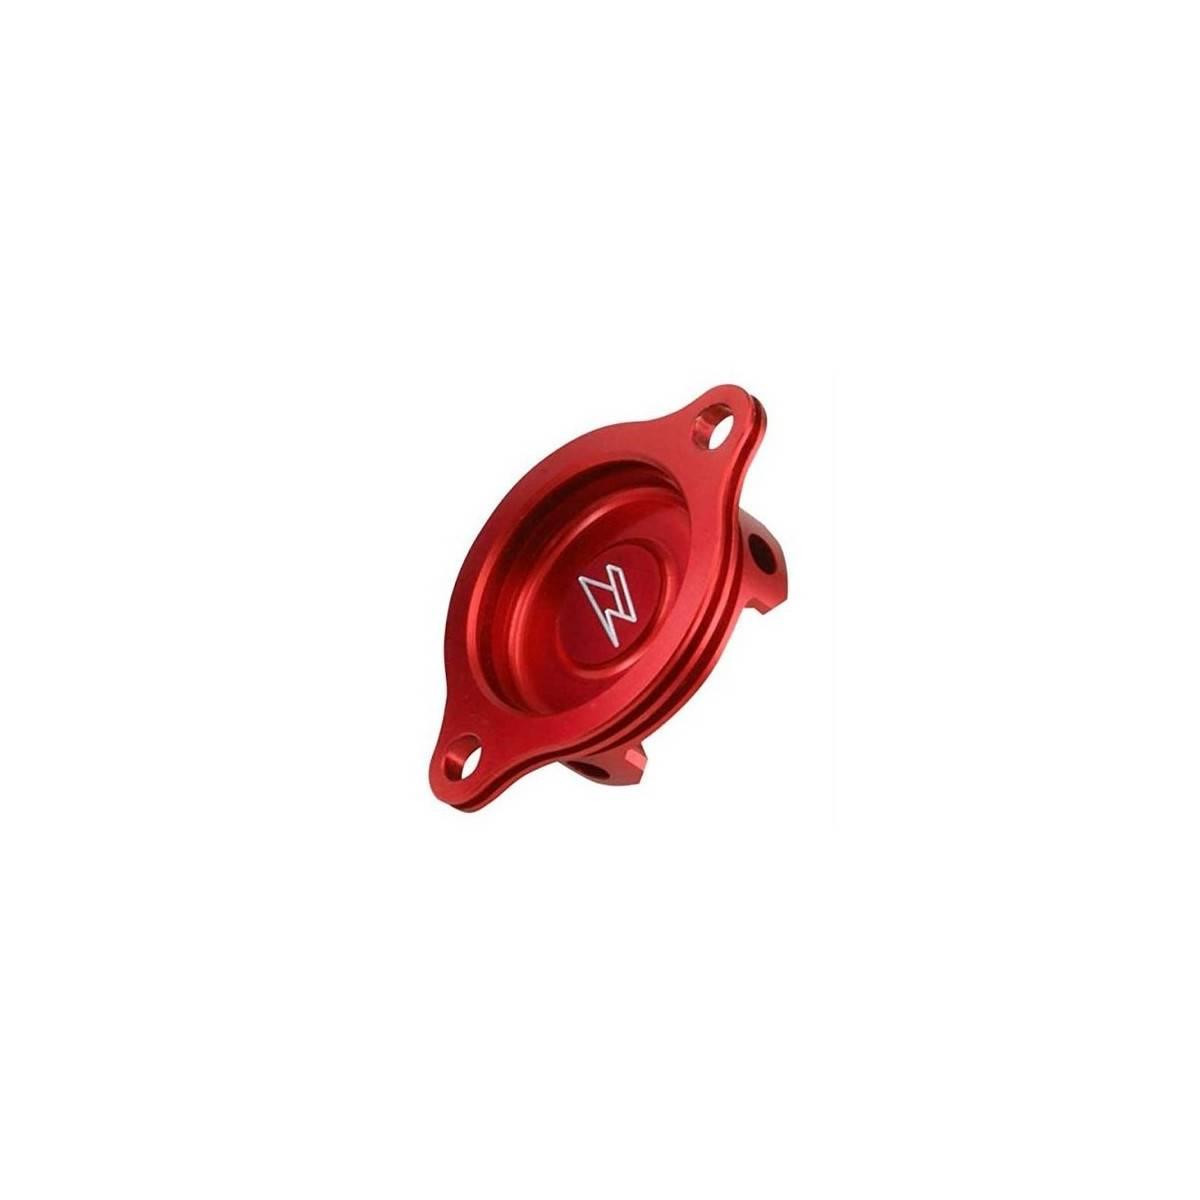 ZE90.1023 - Tapa Filtro Aceite Zeta Crf250L Rojo